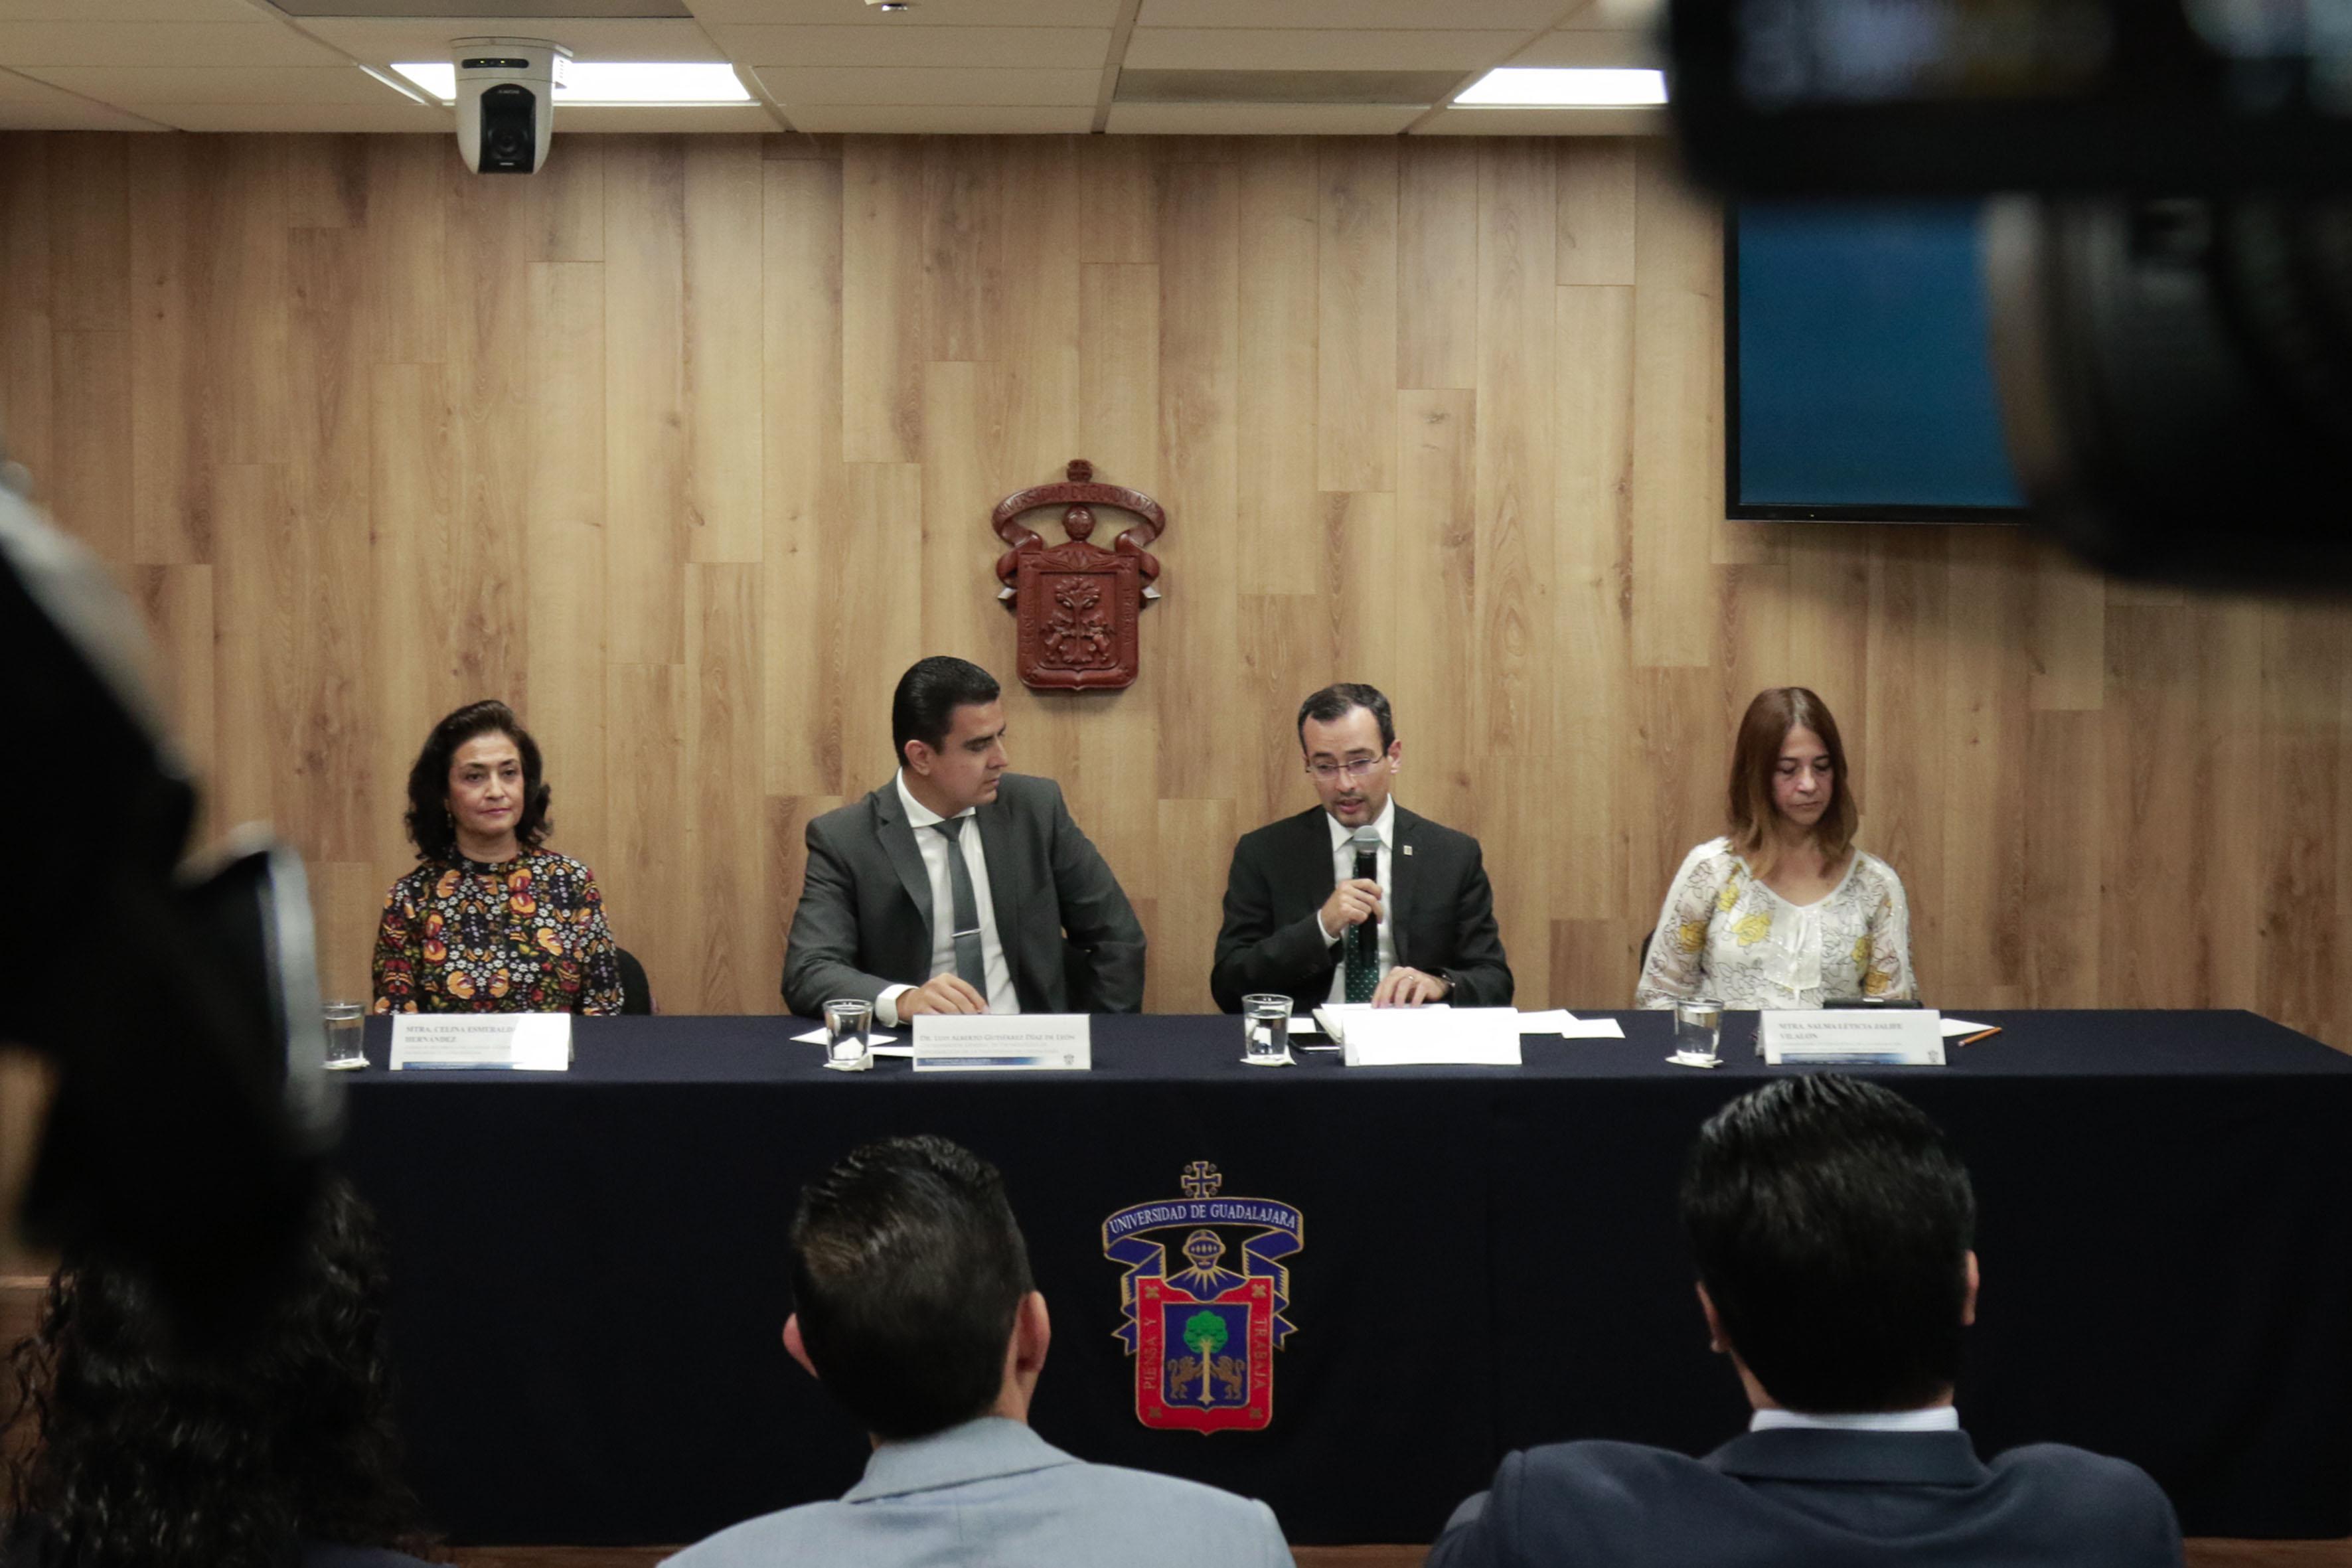 """Rueda de prensa convocada por la Coordinación General de Tecnologías de la Información de la Universidad de Guadalajara, para informar los beneficios del proyecto """"Eduroam"""" en todos los centros universitarios y preparatorias."""